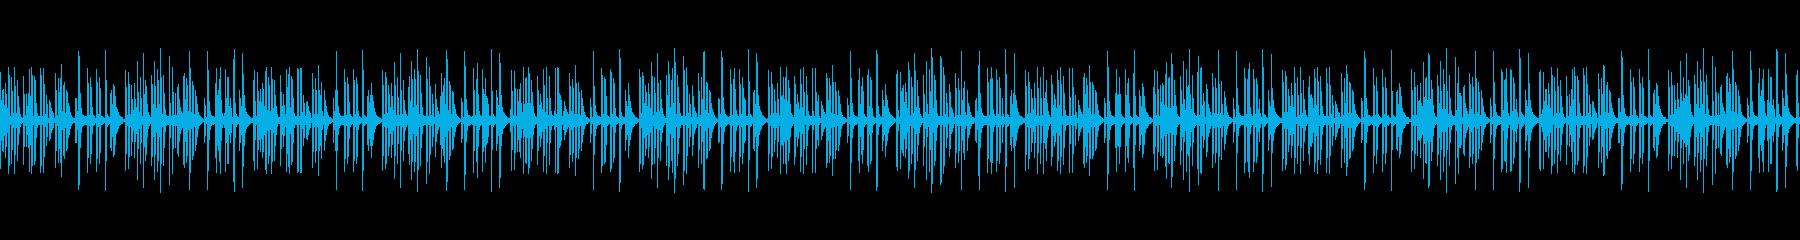 静かな奇妙・不思議・不可解なトーク用の再生済みの波形